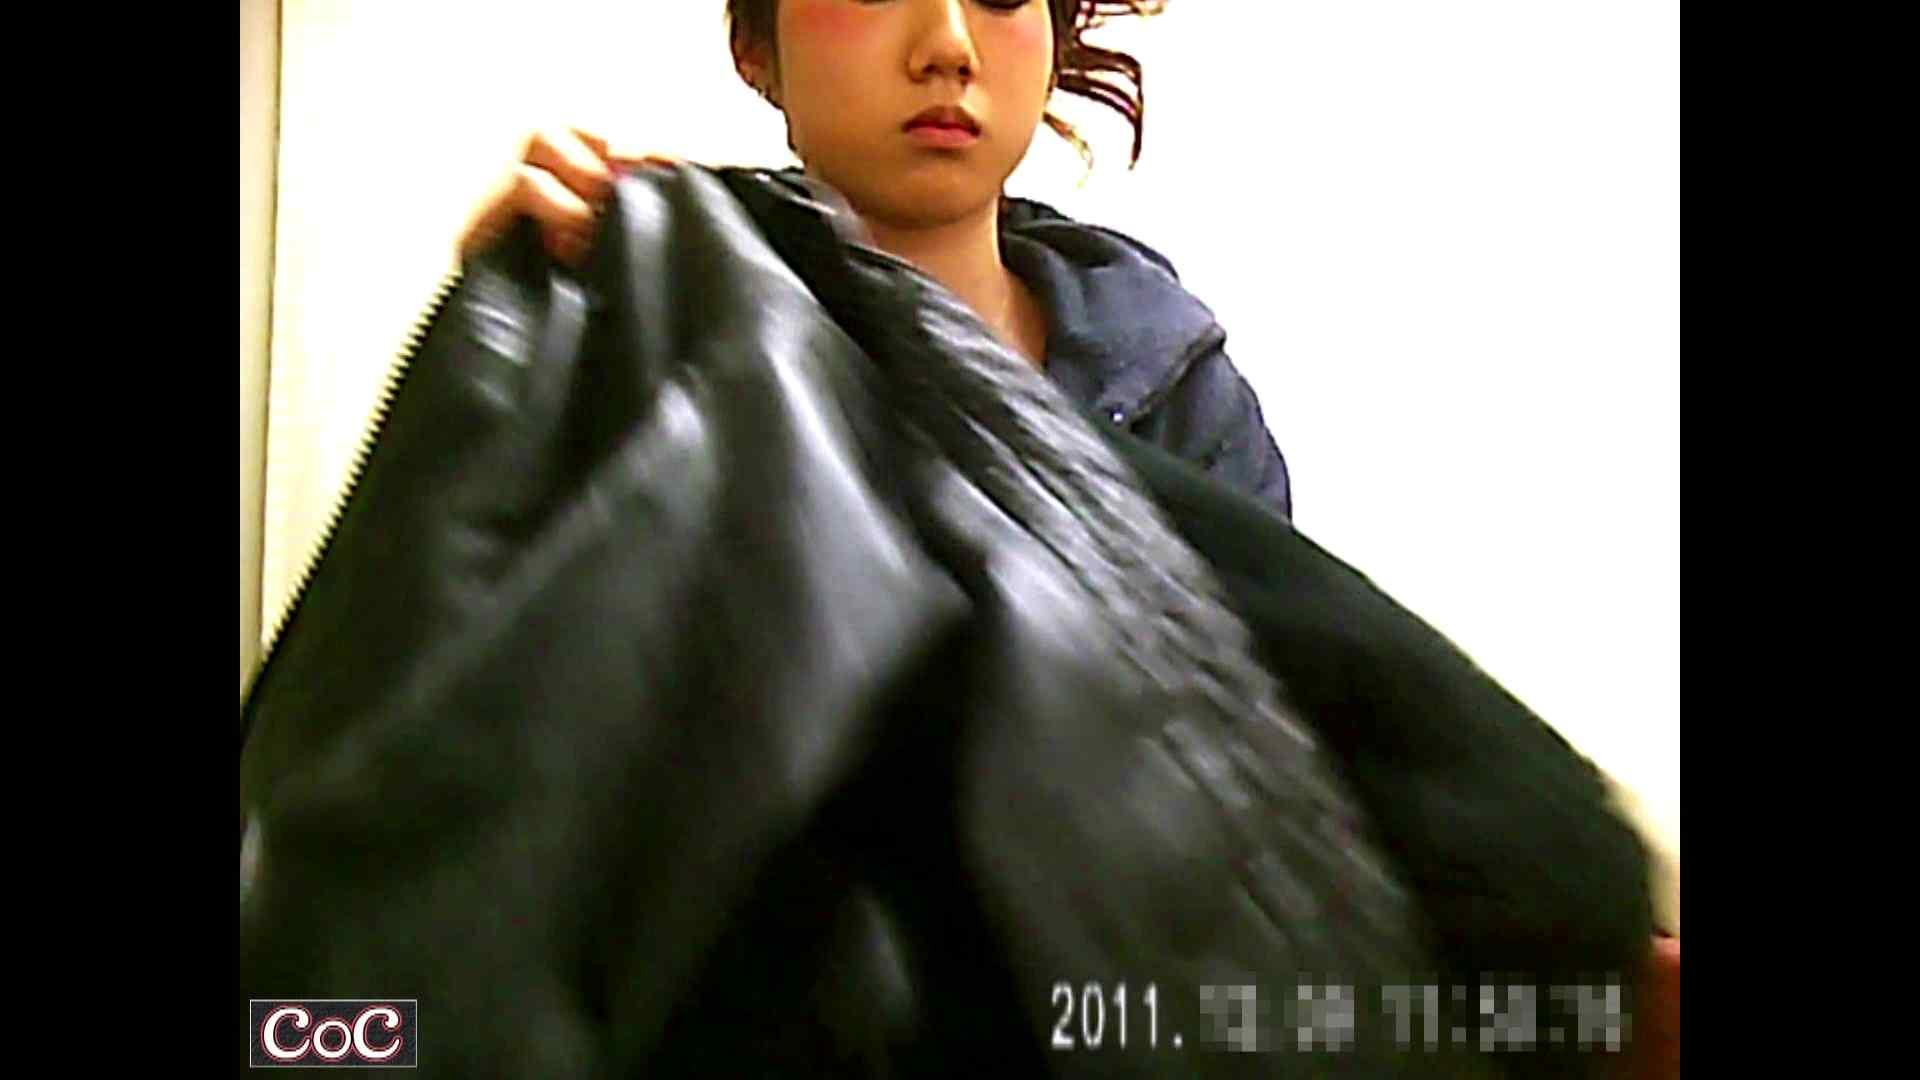 元医者による反抗 更衣室地獄絵巻 vol.178 OL  79pic 19